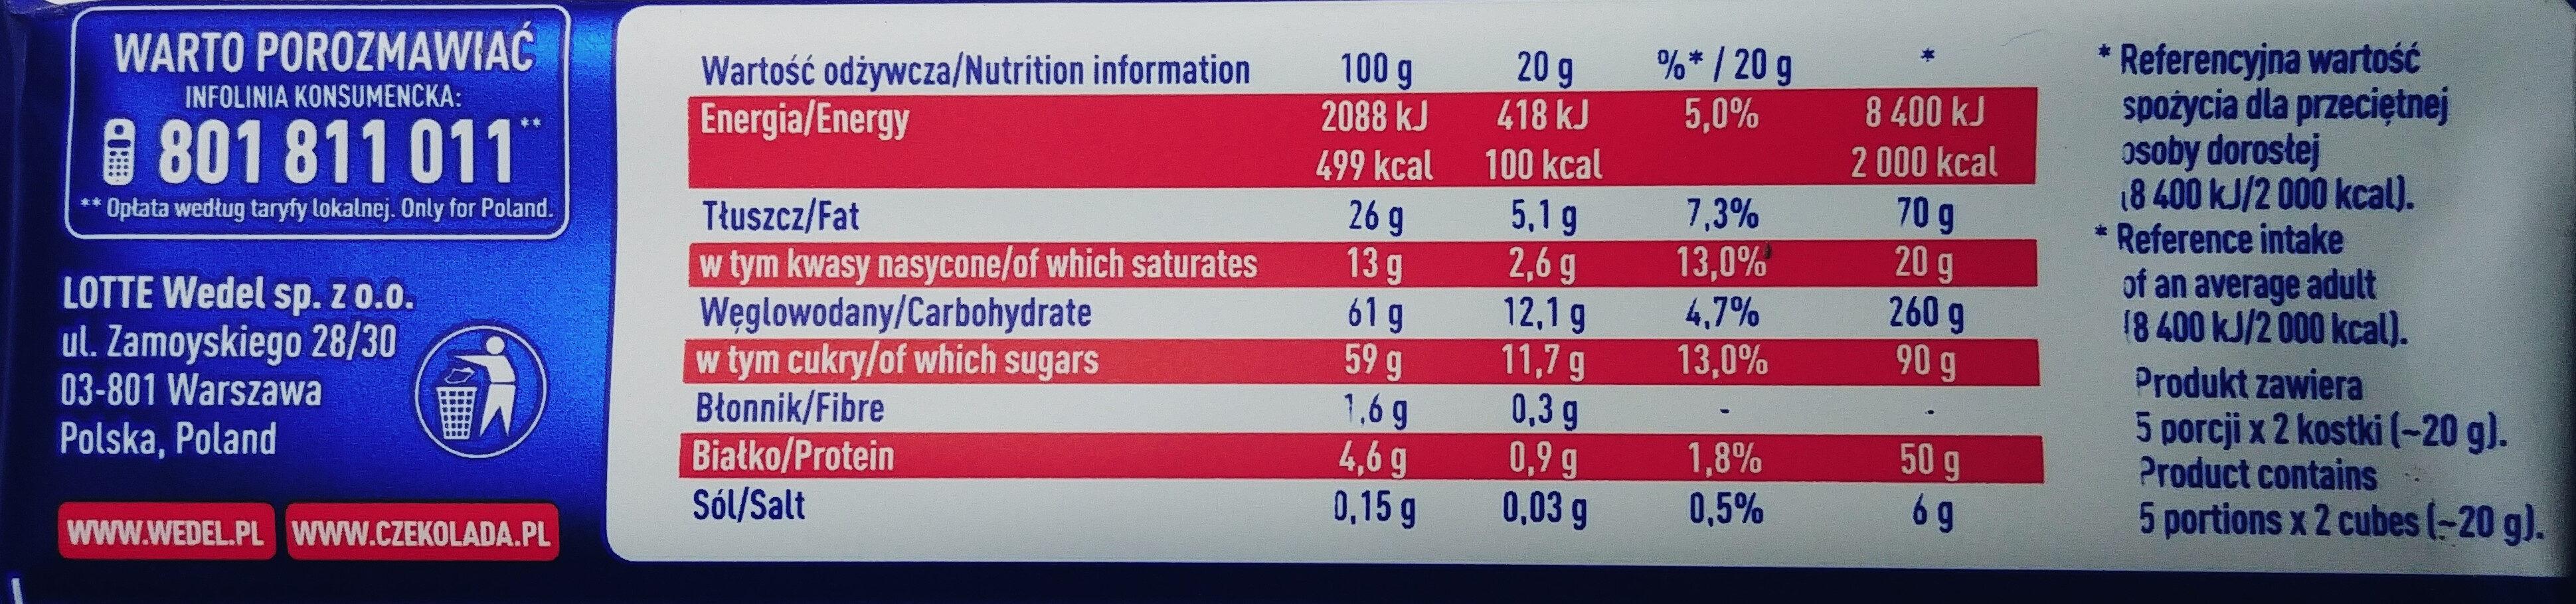 Czekolada mleczna z nadzieniem truskawkowym - Wartości odżywcze - pl